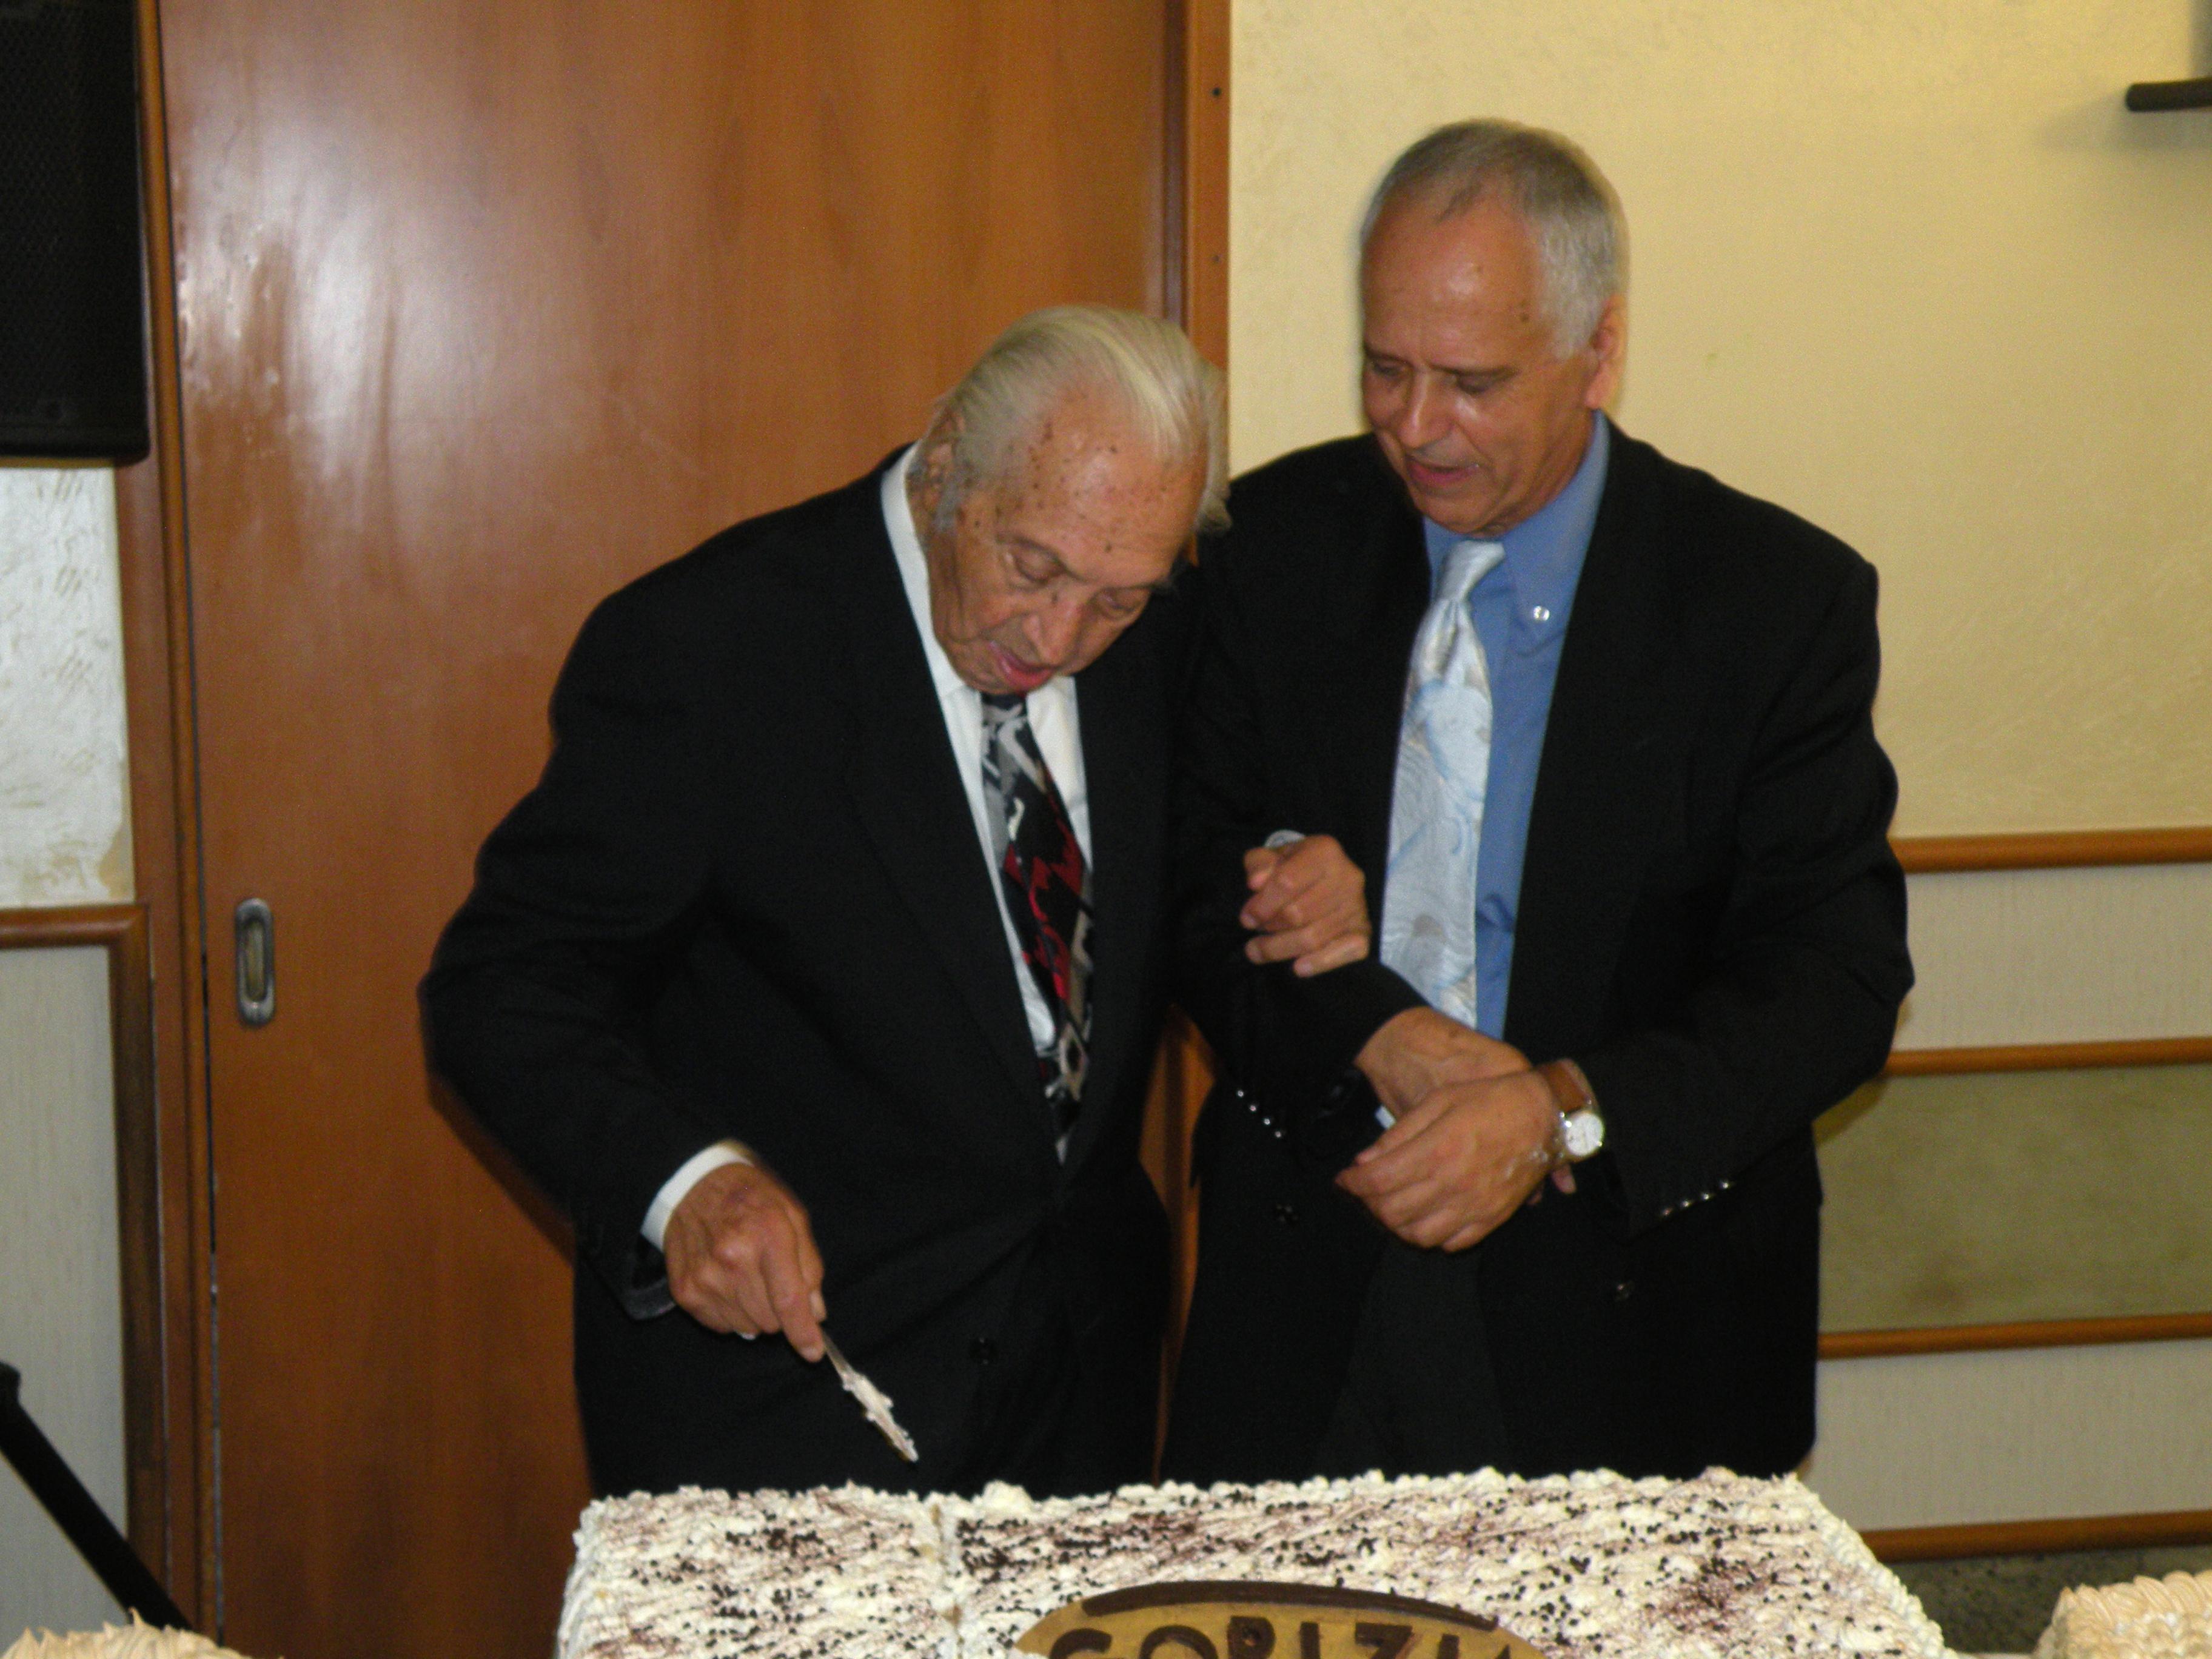 il taglio della torta: don Salvatore e Antonio Grasso